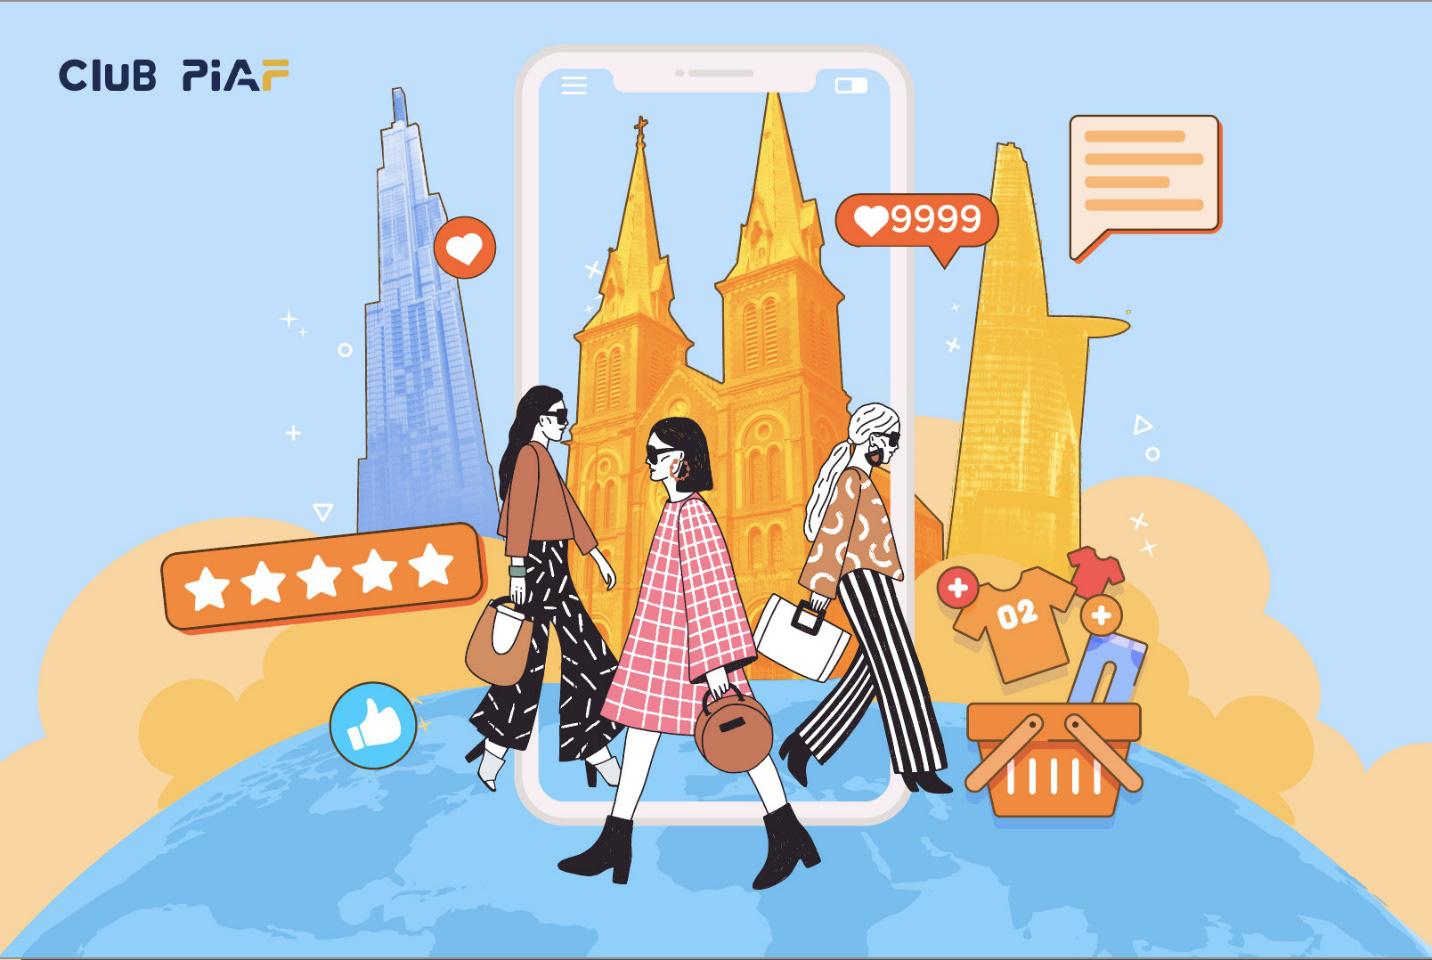 Club Piaf - Nền tảng review hiện đại, tích hợp trải nghiệm và mua sắm - Ảnh 4.